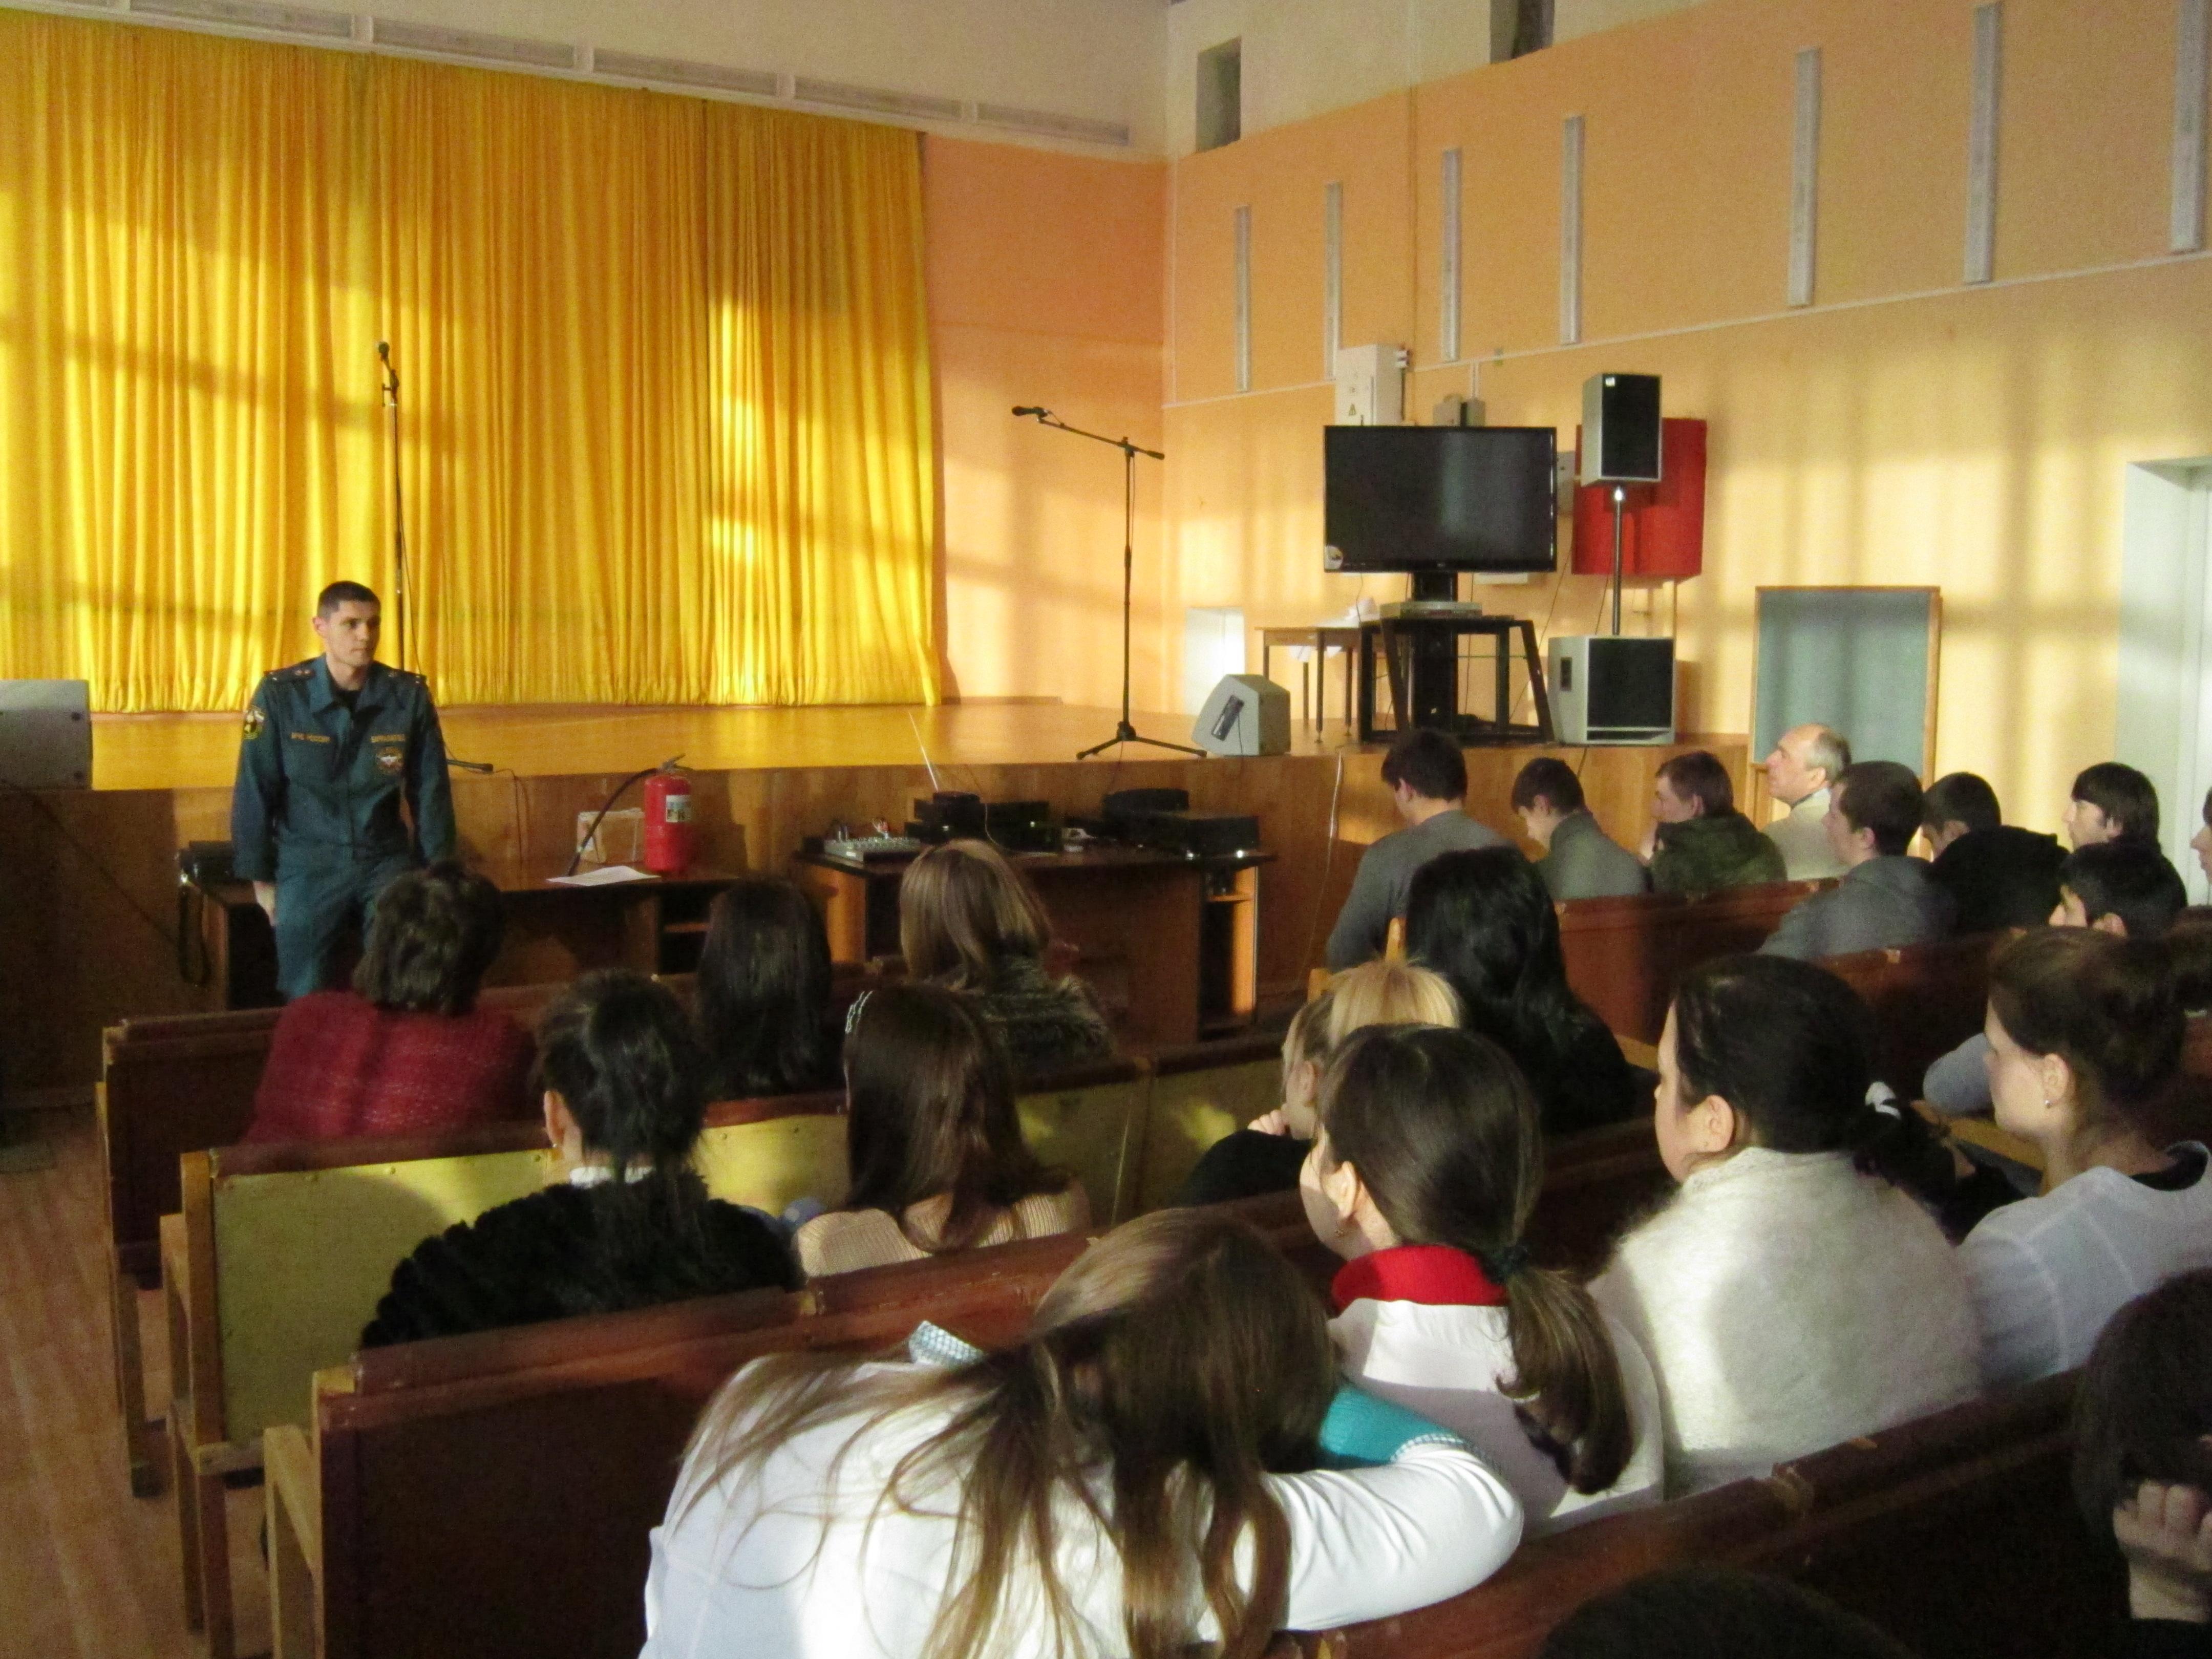 В рамках «Месячника безопасности» в Профессиональном училище №70 города Можайска проведен семинар на тему: «Молодежь - будущее безопасной России»